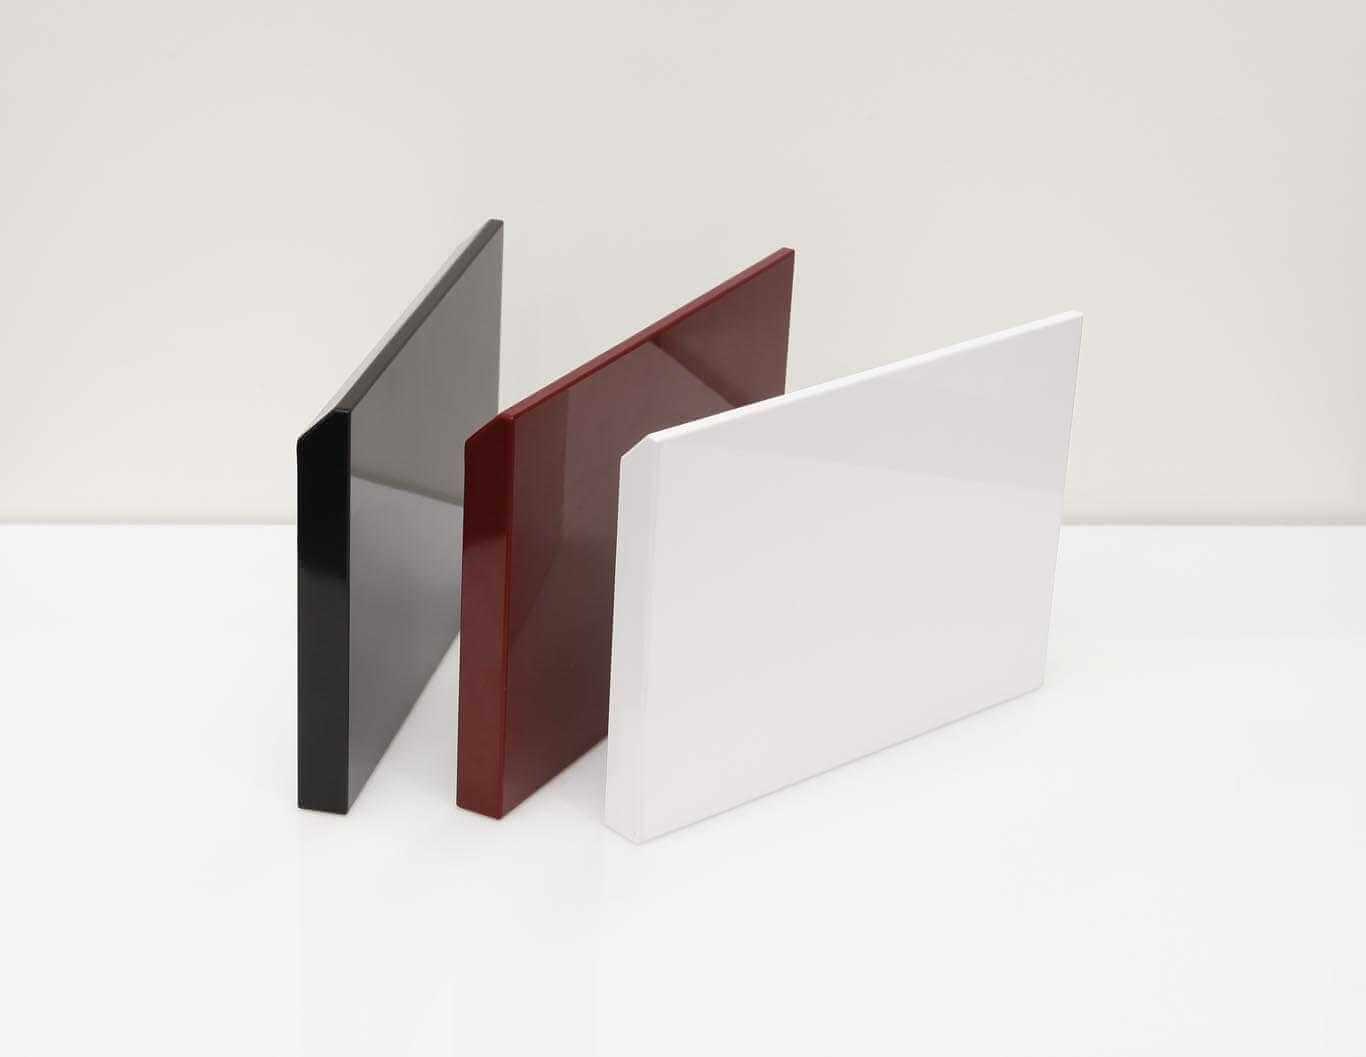 sản phẩm Acrylic không đường line